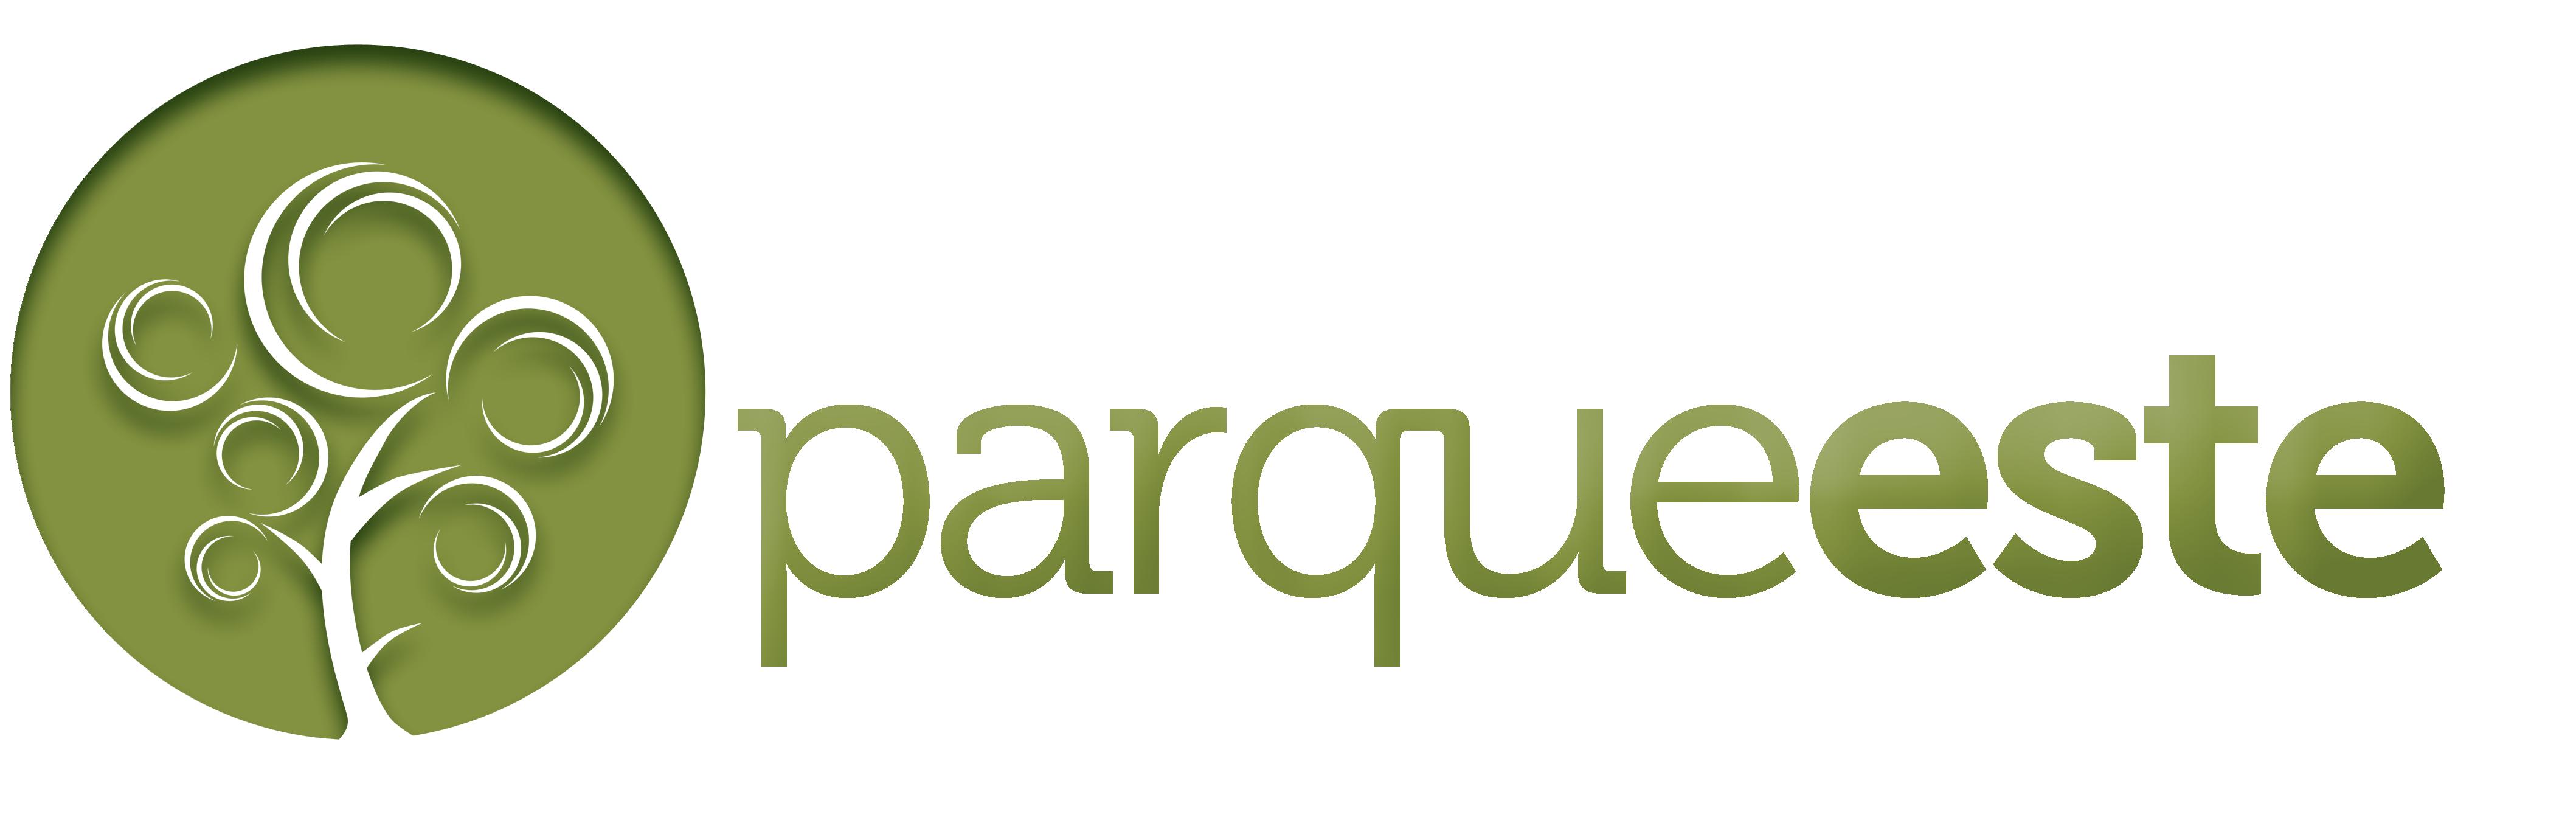 Parque Este – Iglesia Evangélica en Sevilla